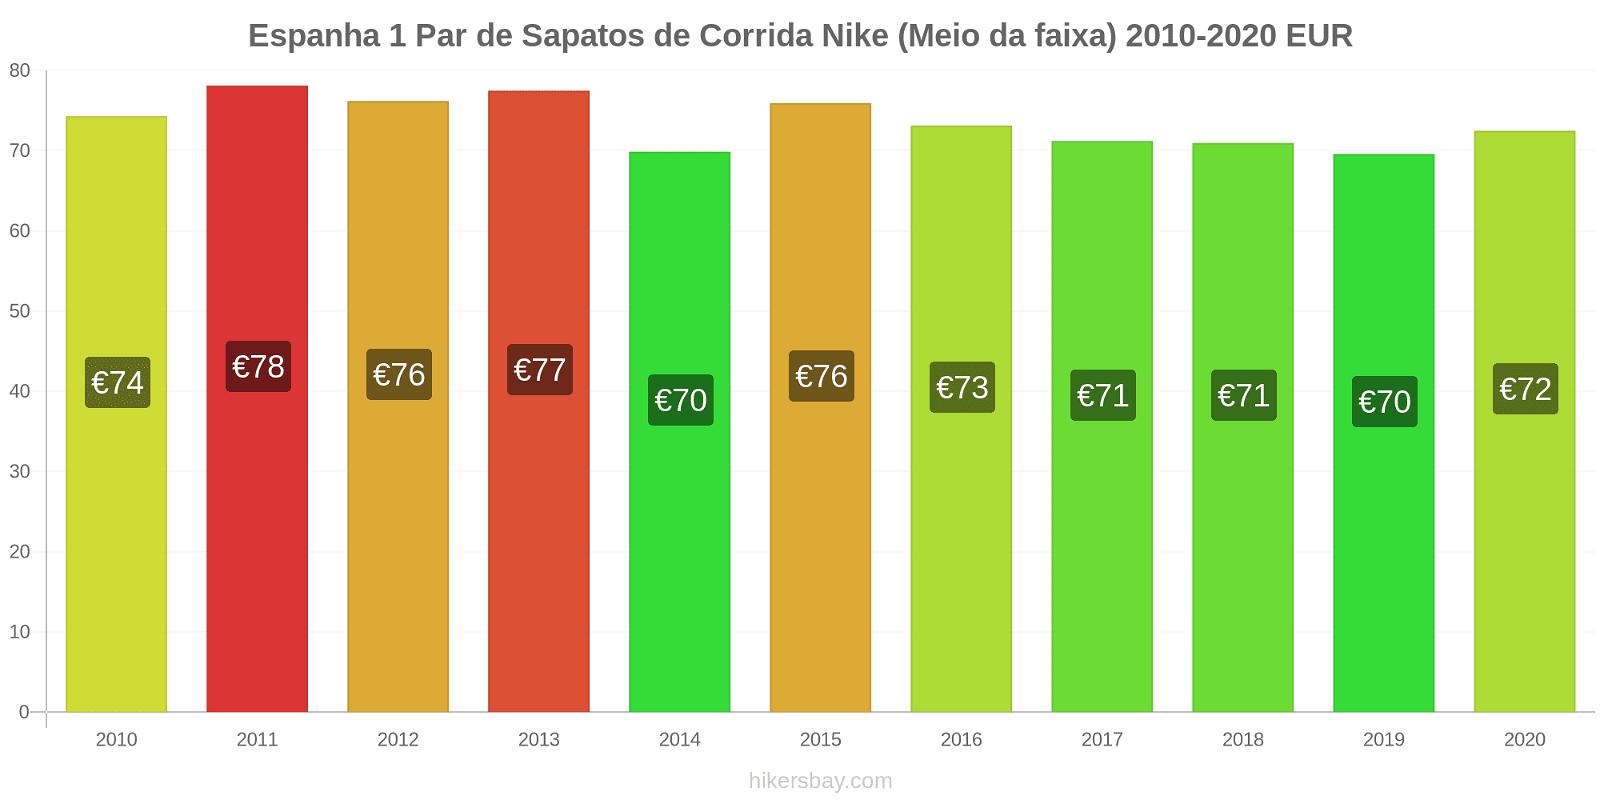 Espanha variação de preço 1 par de tênis Nike (mid-range) hikersbay.com